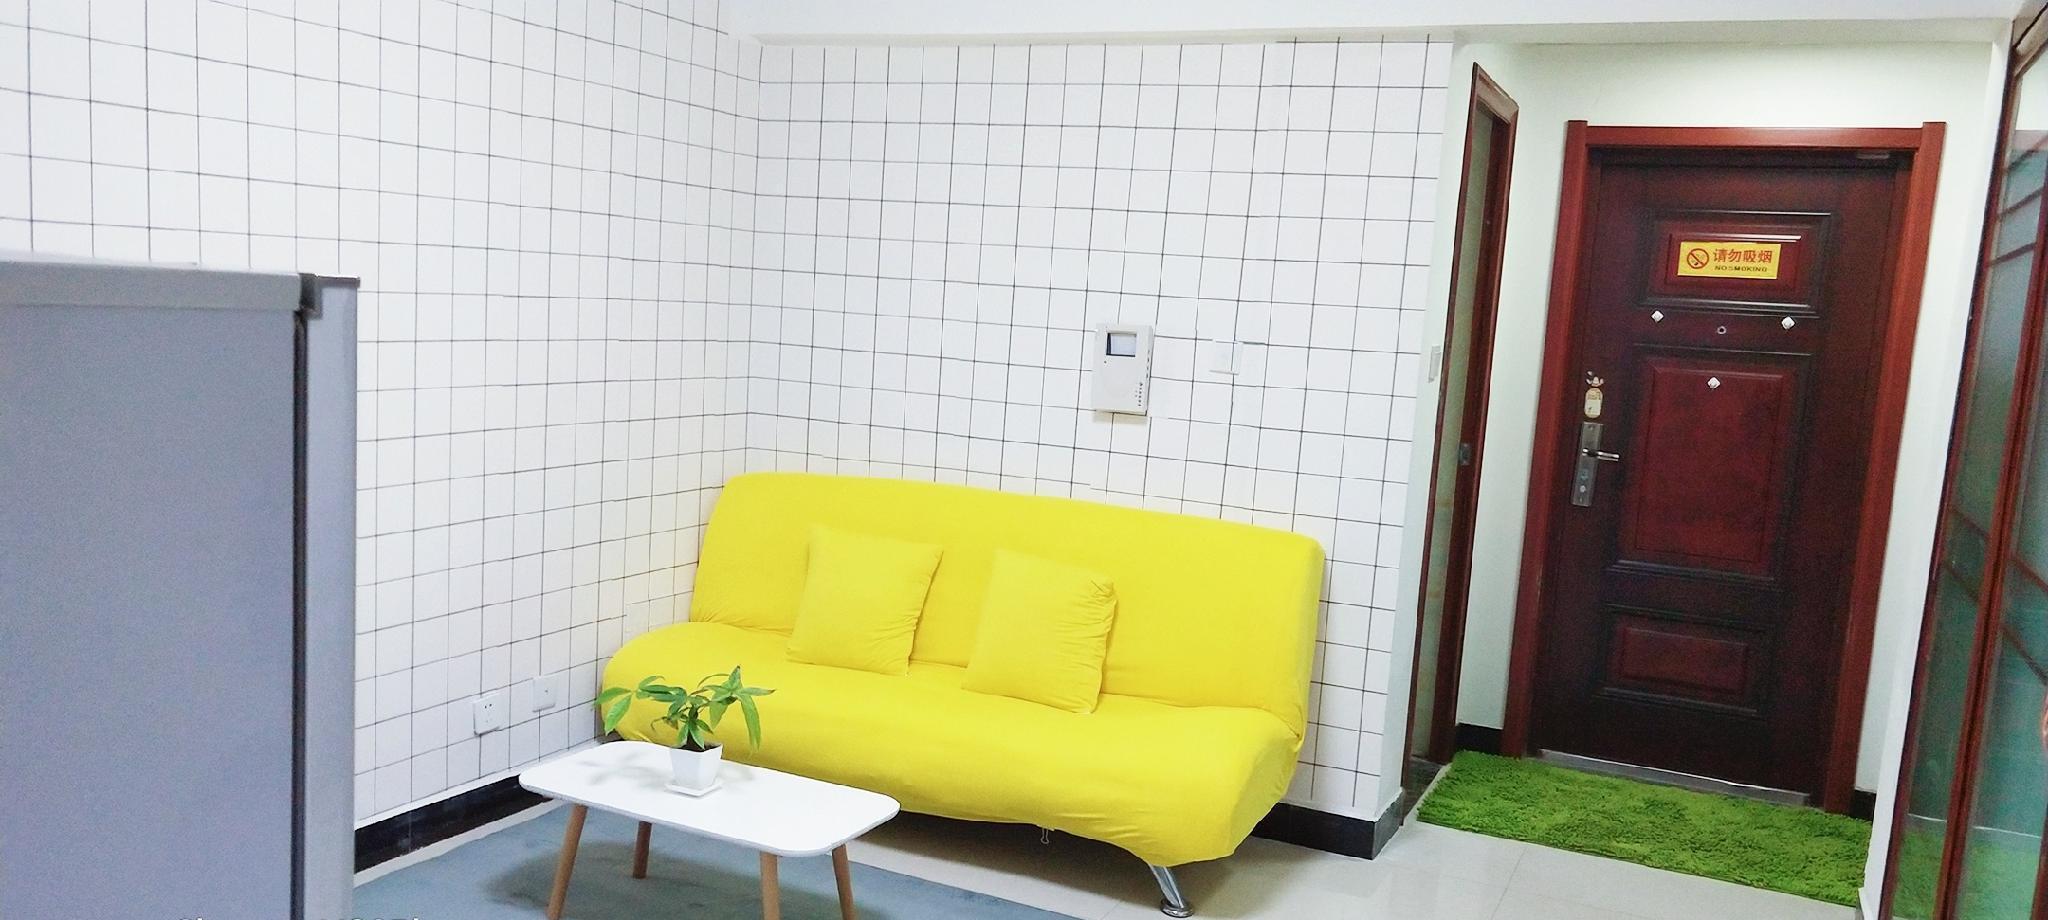 Tubehotel